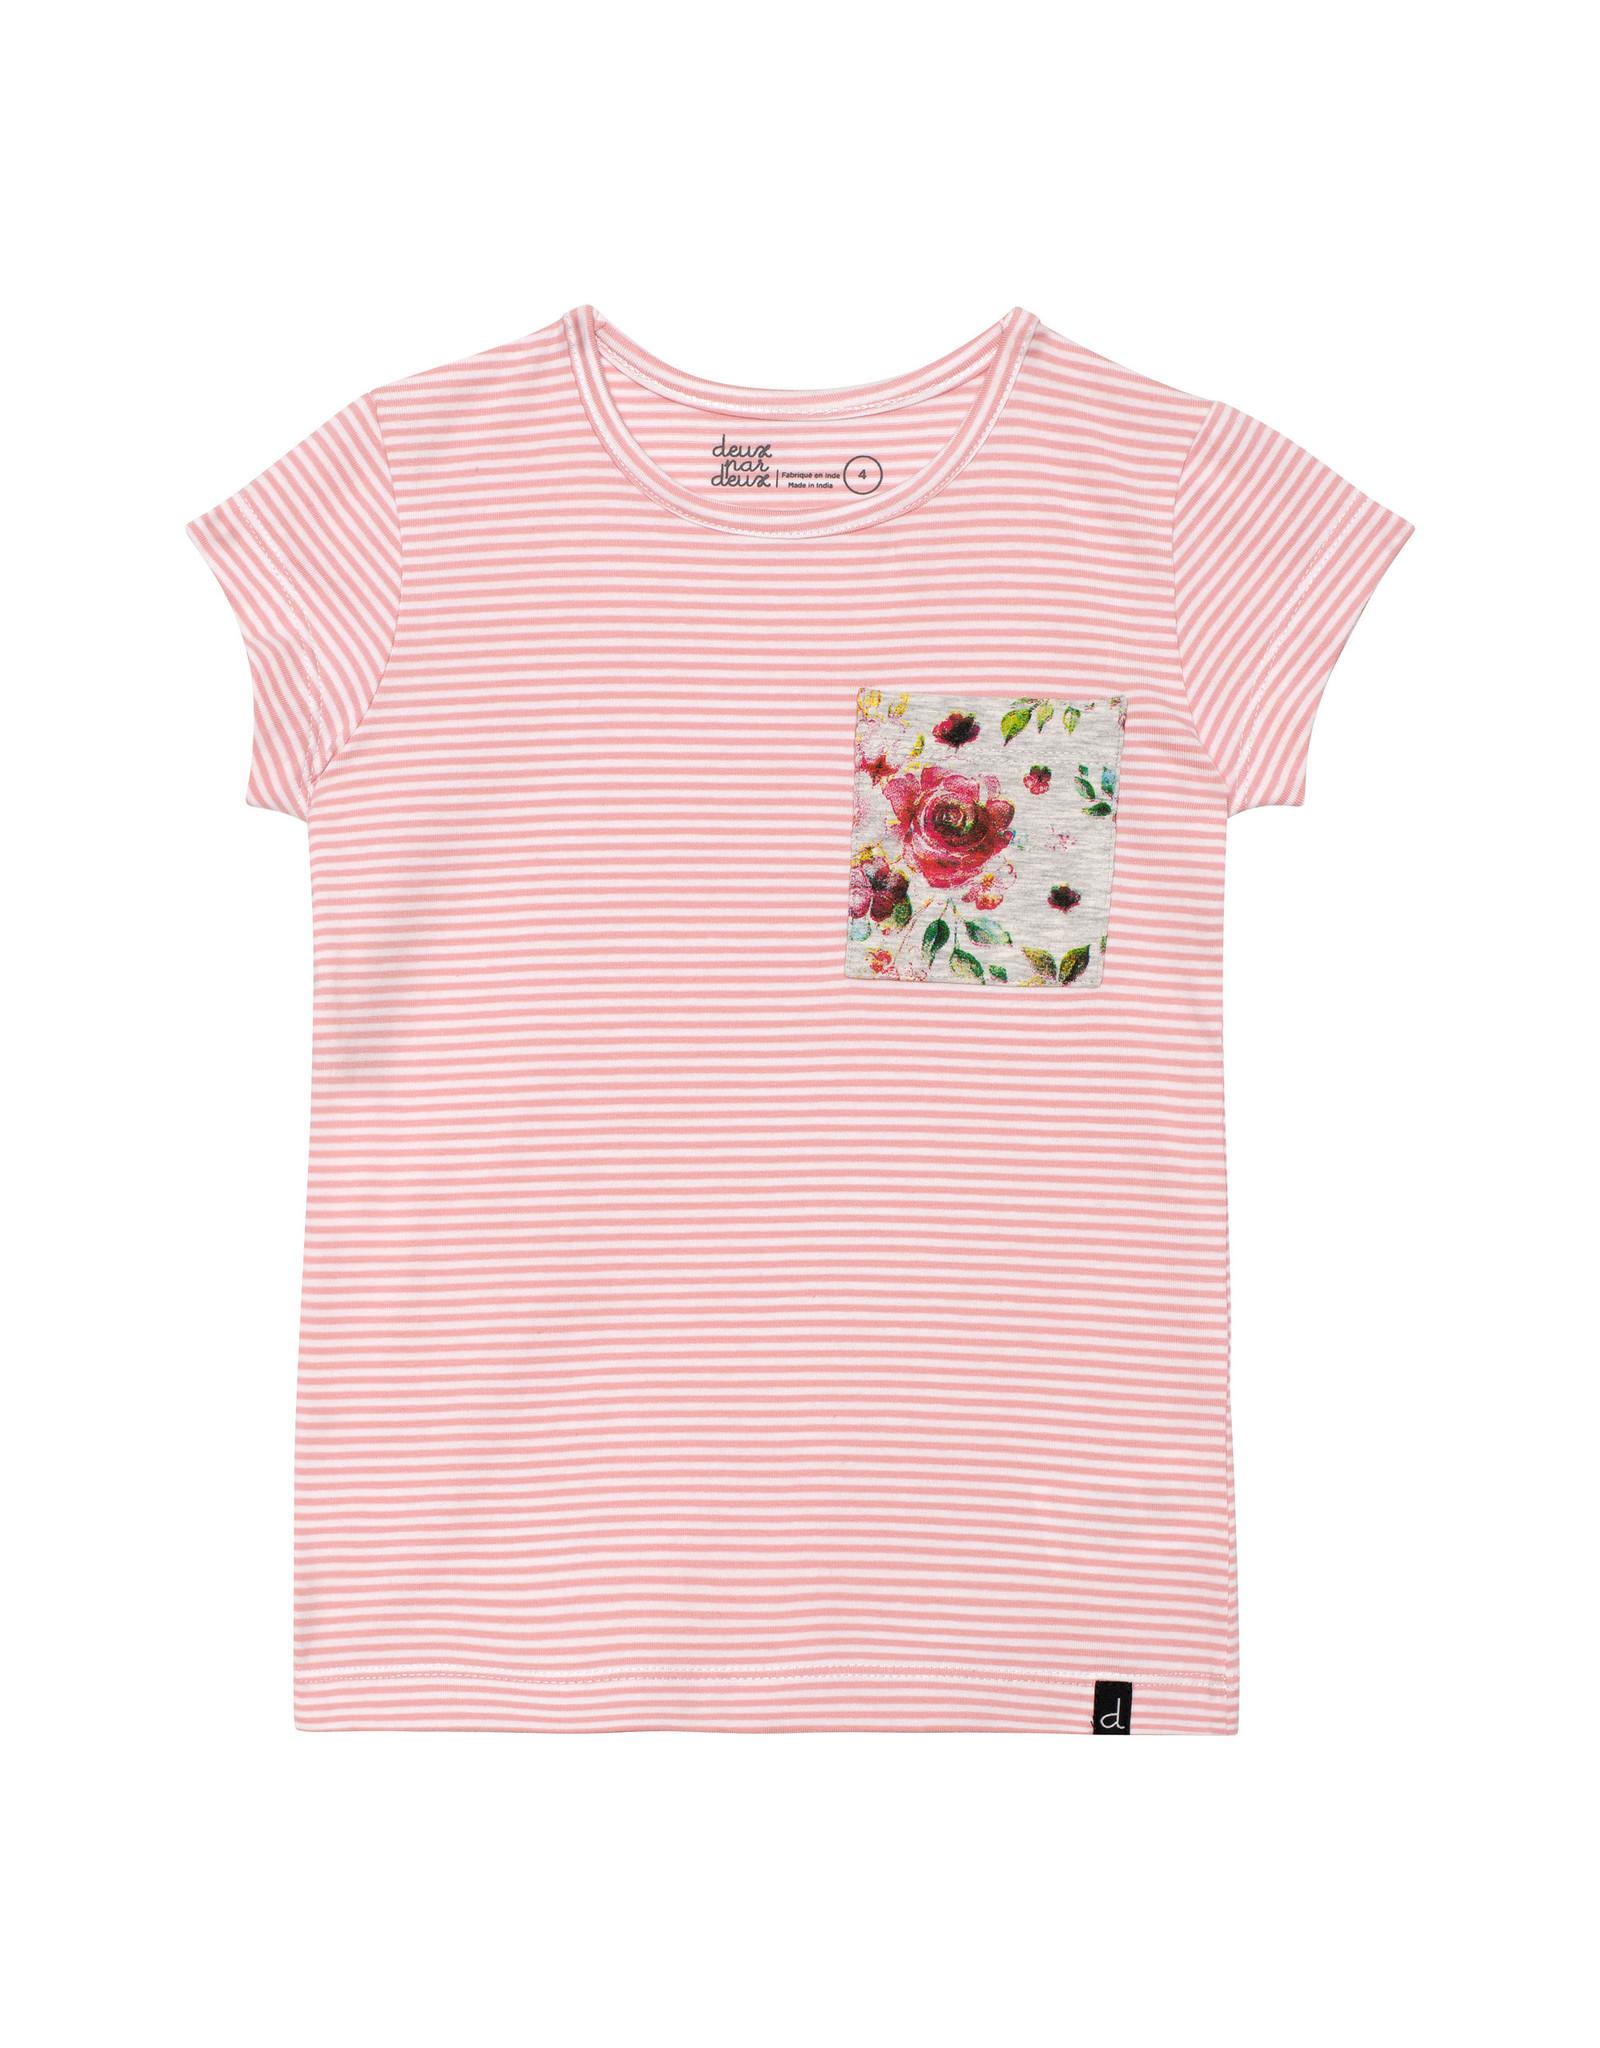 Deux Par Deux Striped Light Pink Top with Pocket